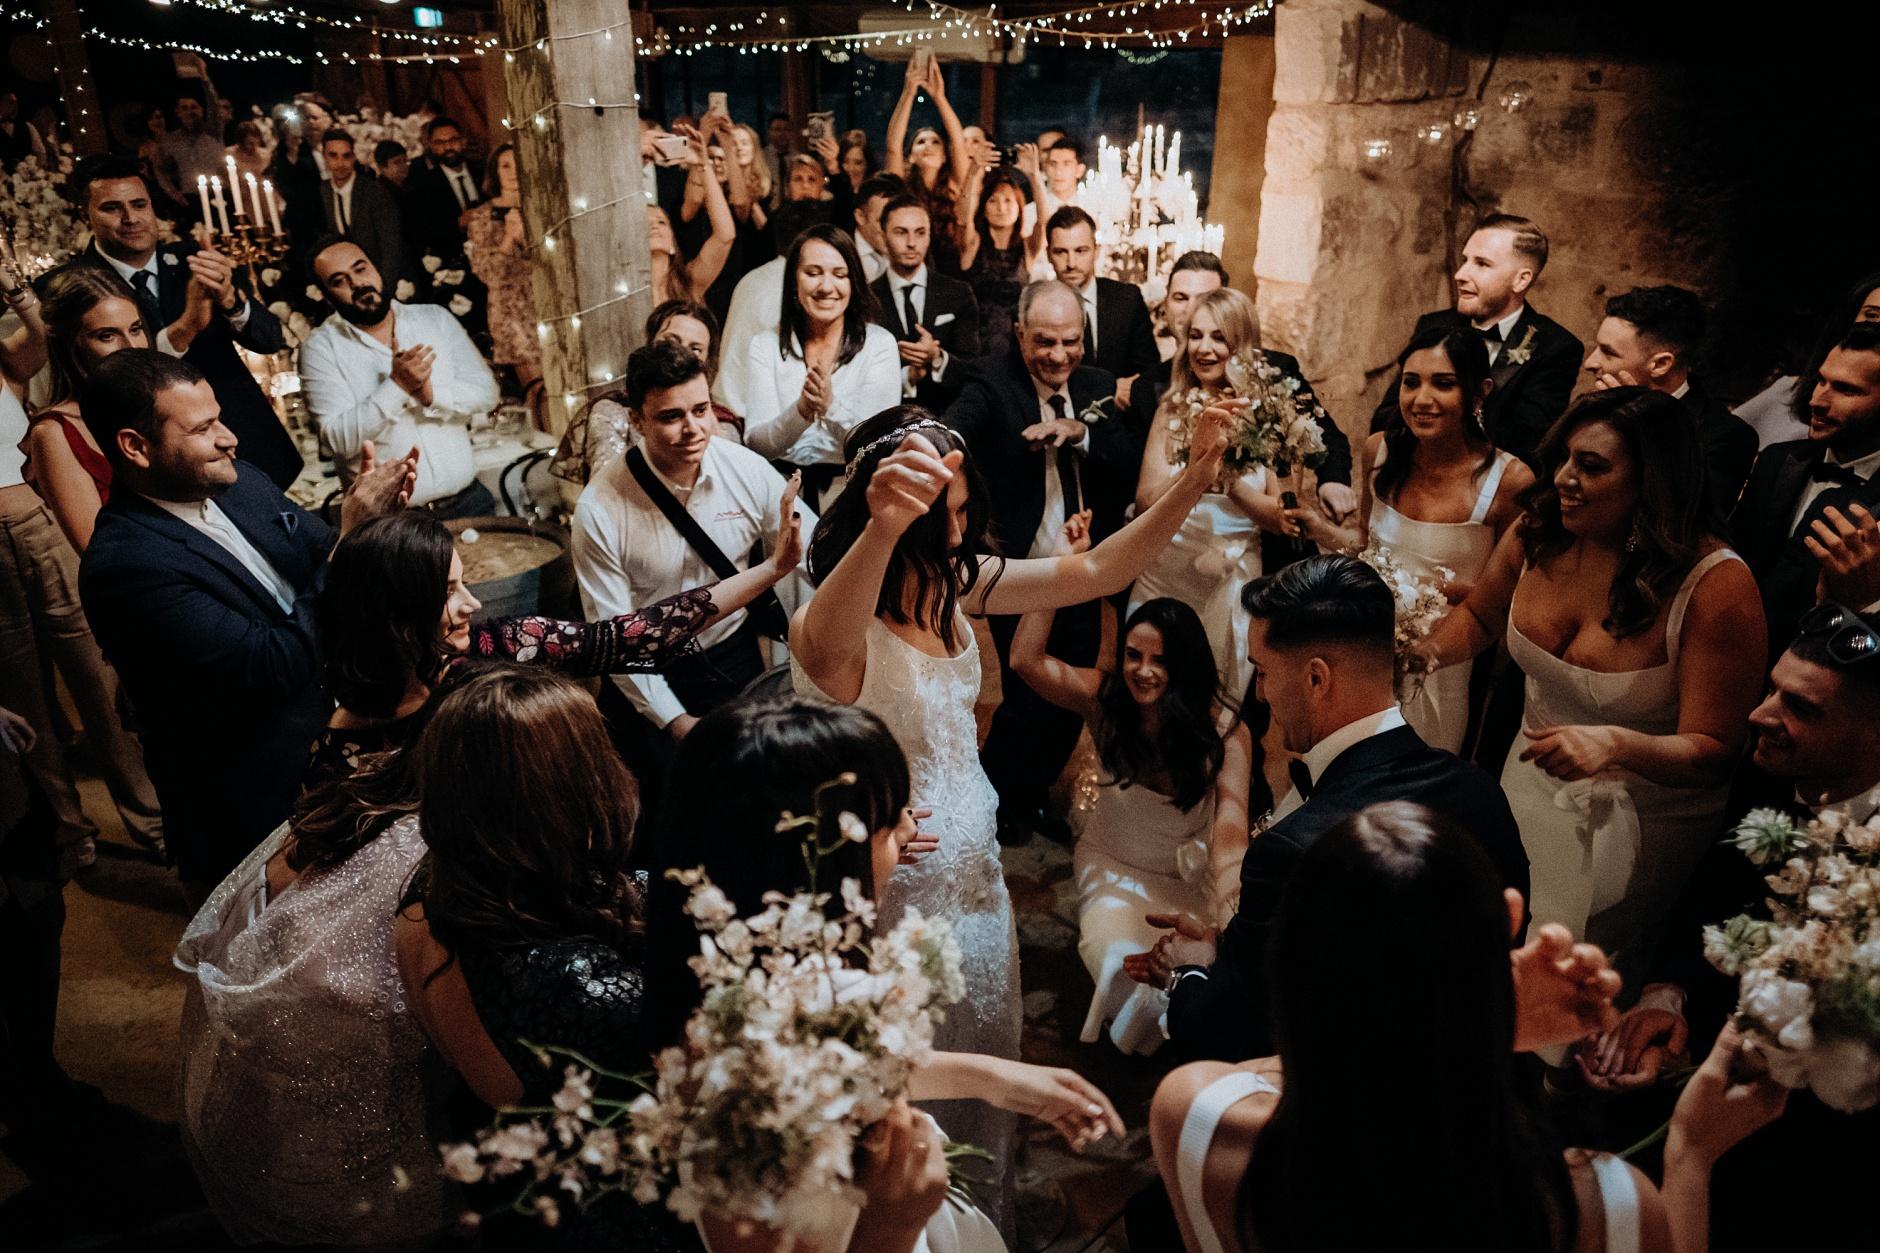 cassandra&cameron0874a_Peppers-Creek-Wedding.jpg